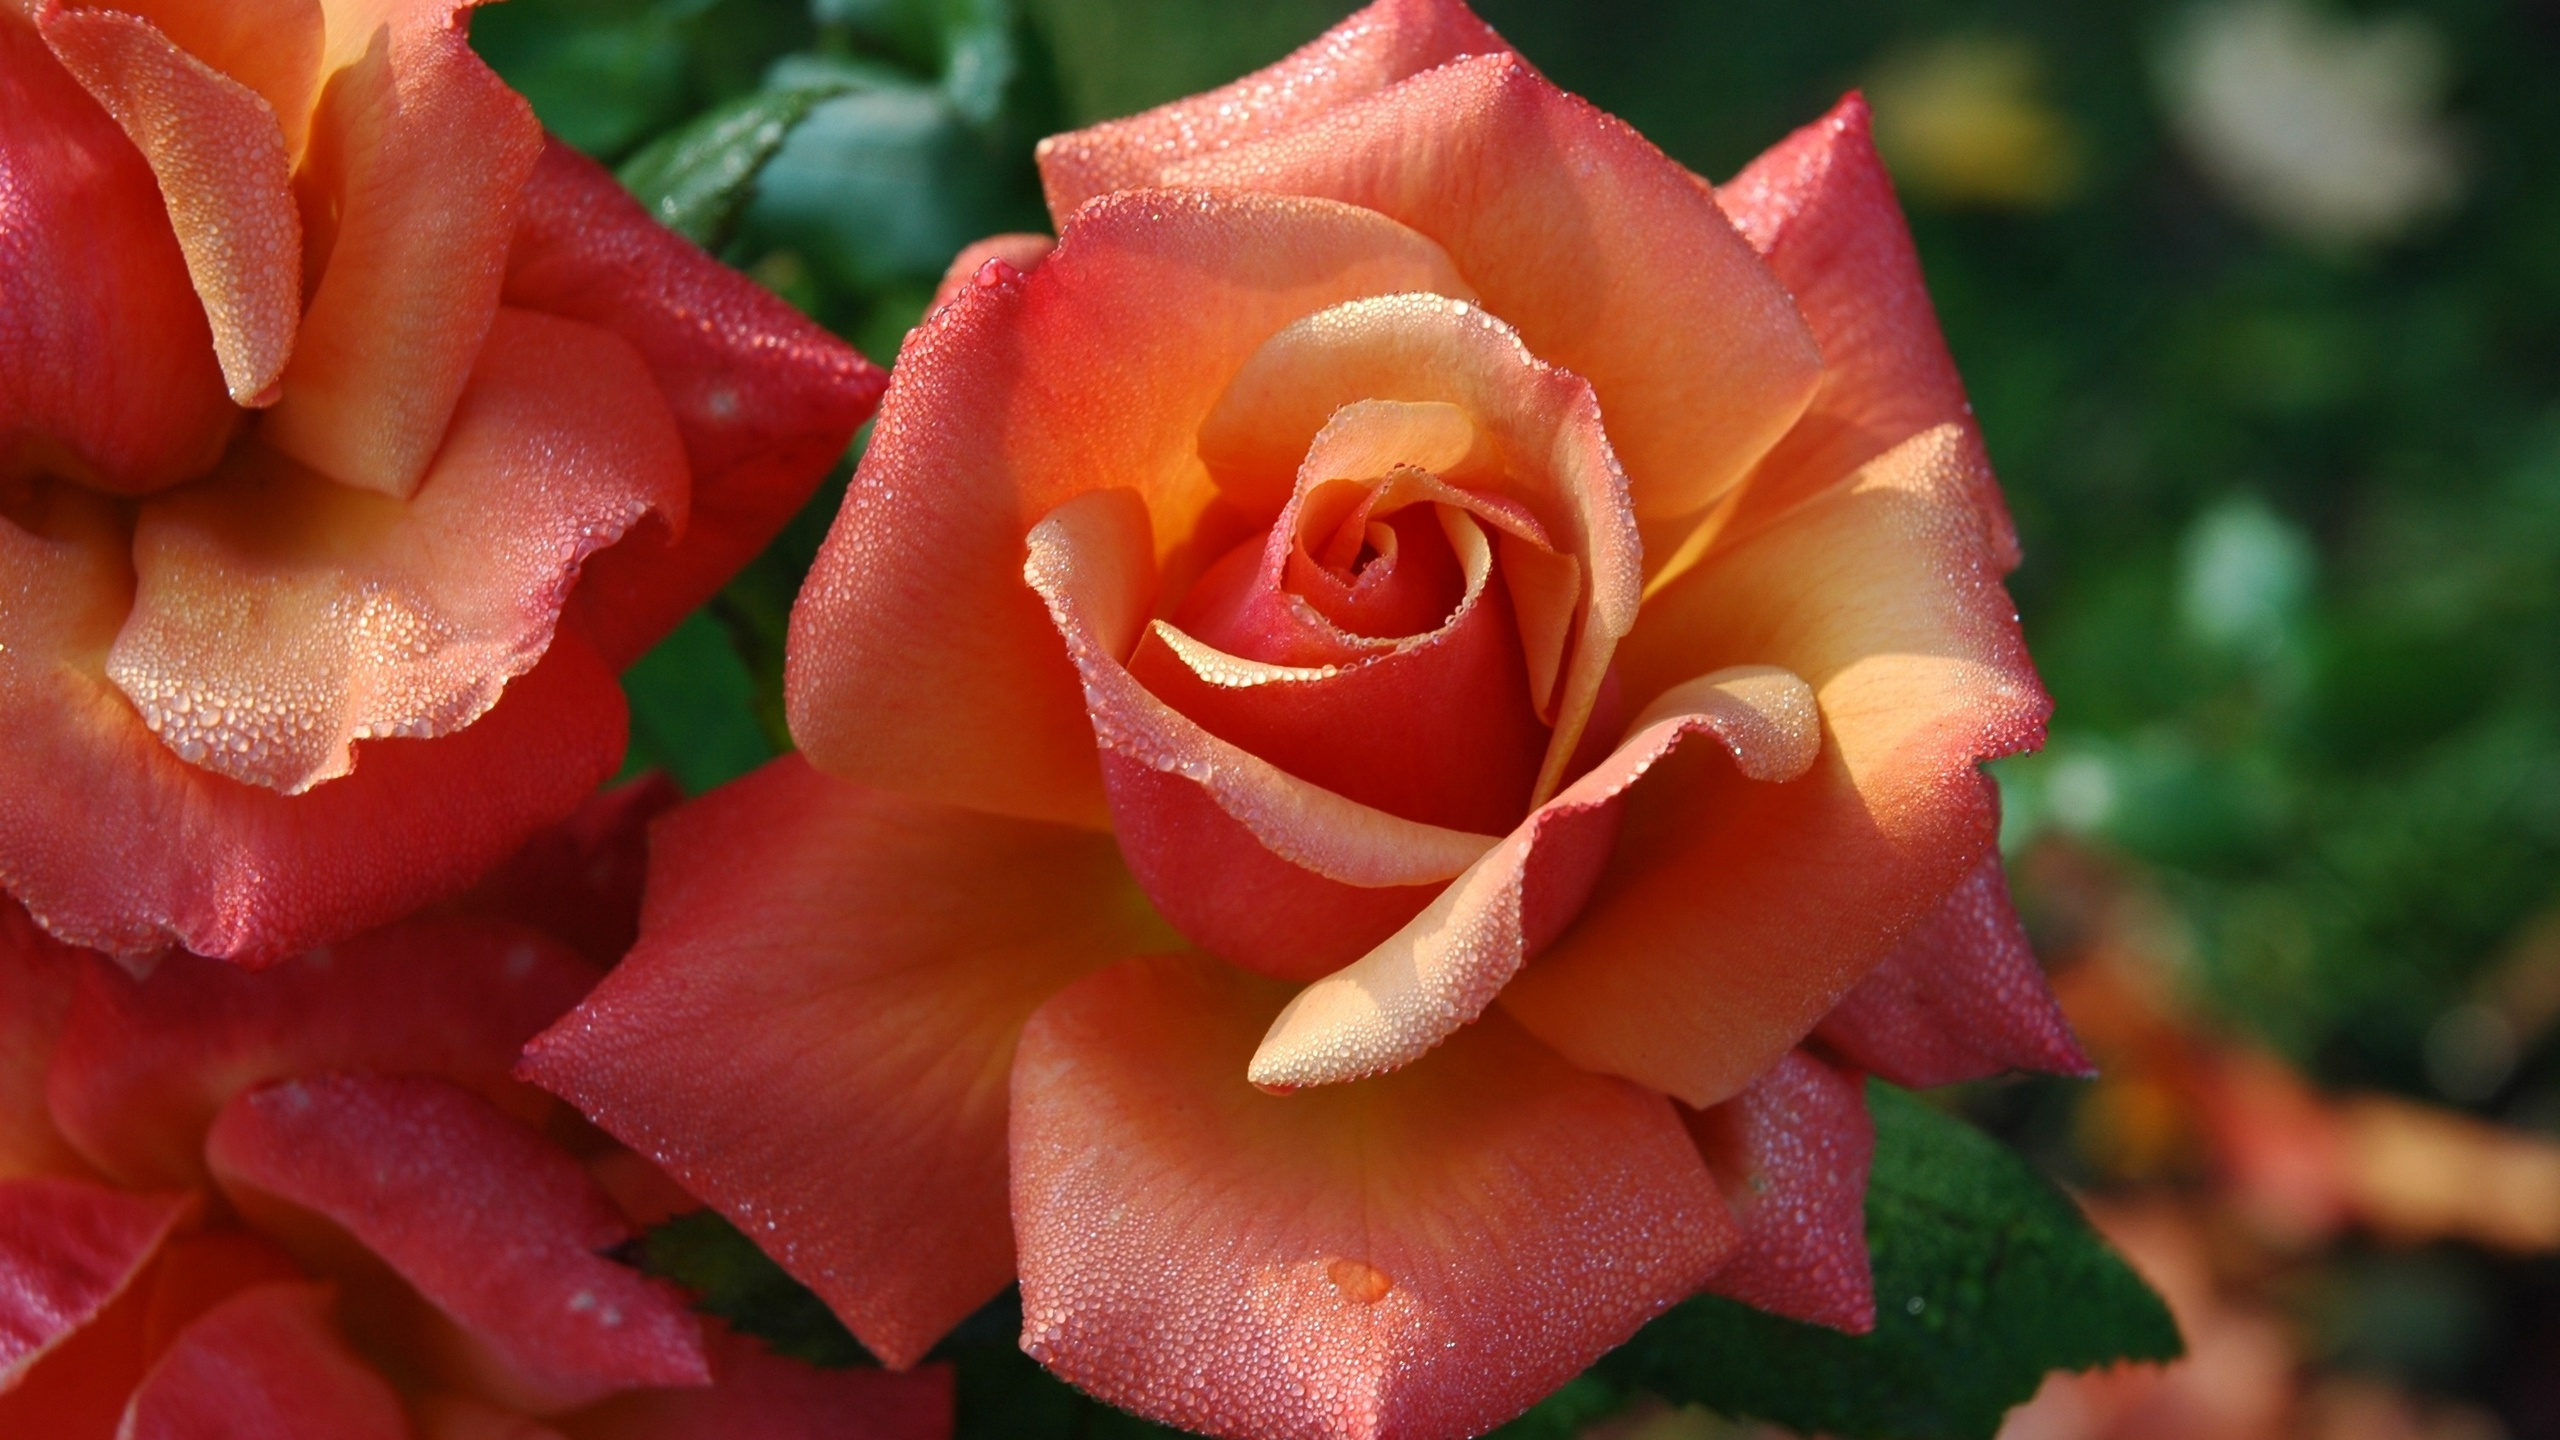 цветы, розы, капли, вода, макро